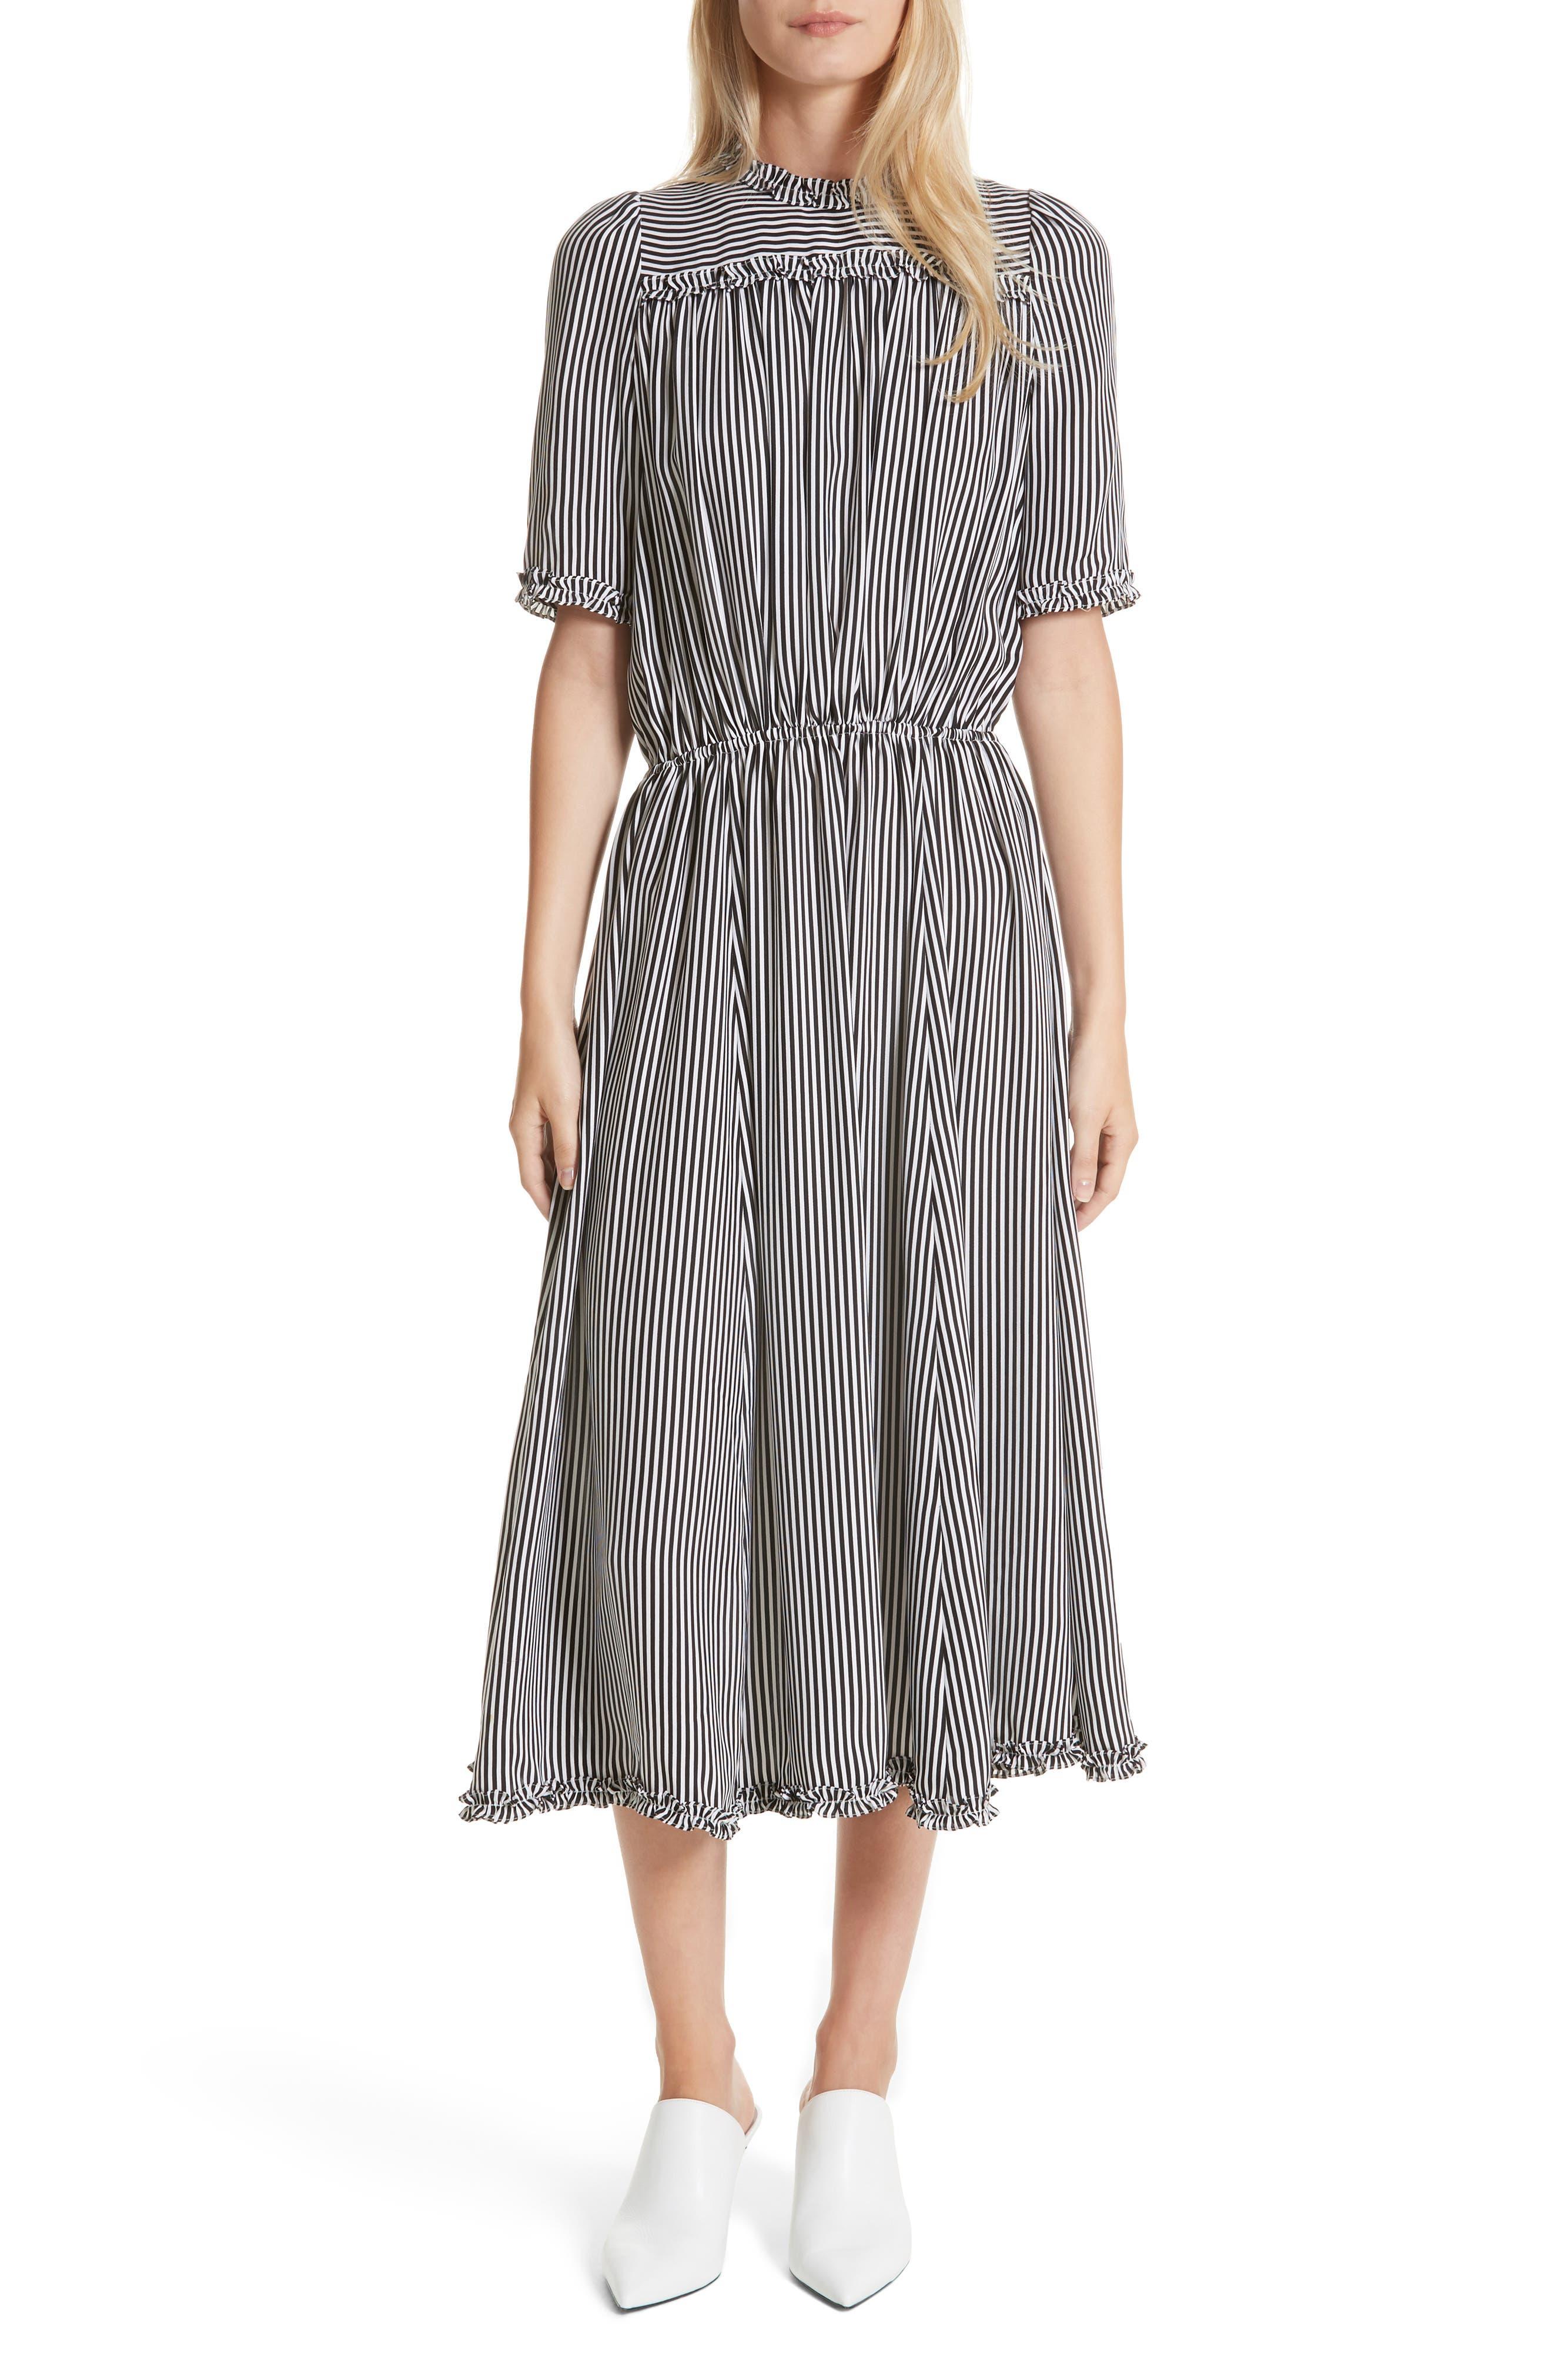 The Confection Dress,                             Main thumbnail 1, color,                             401